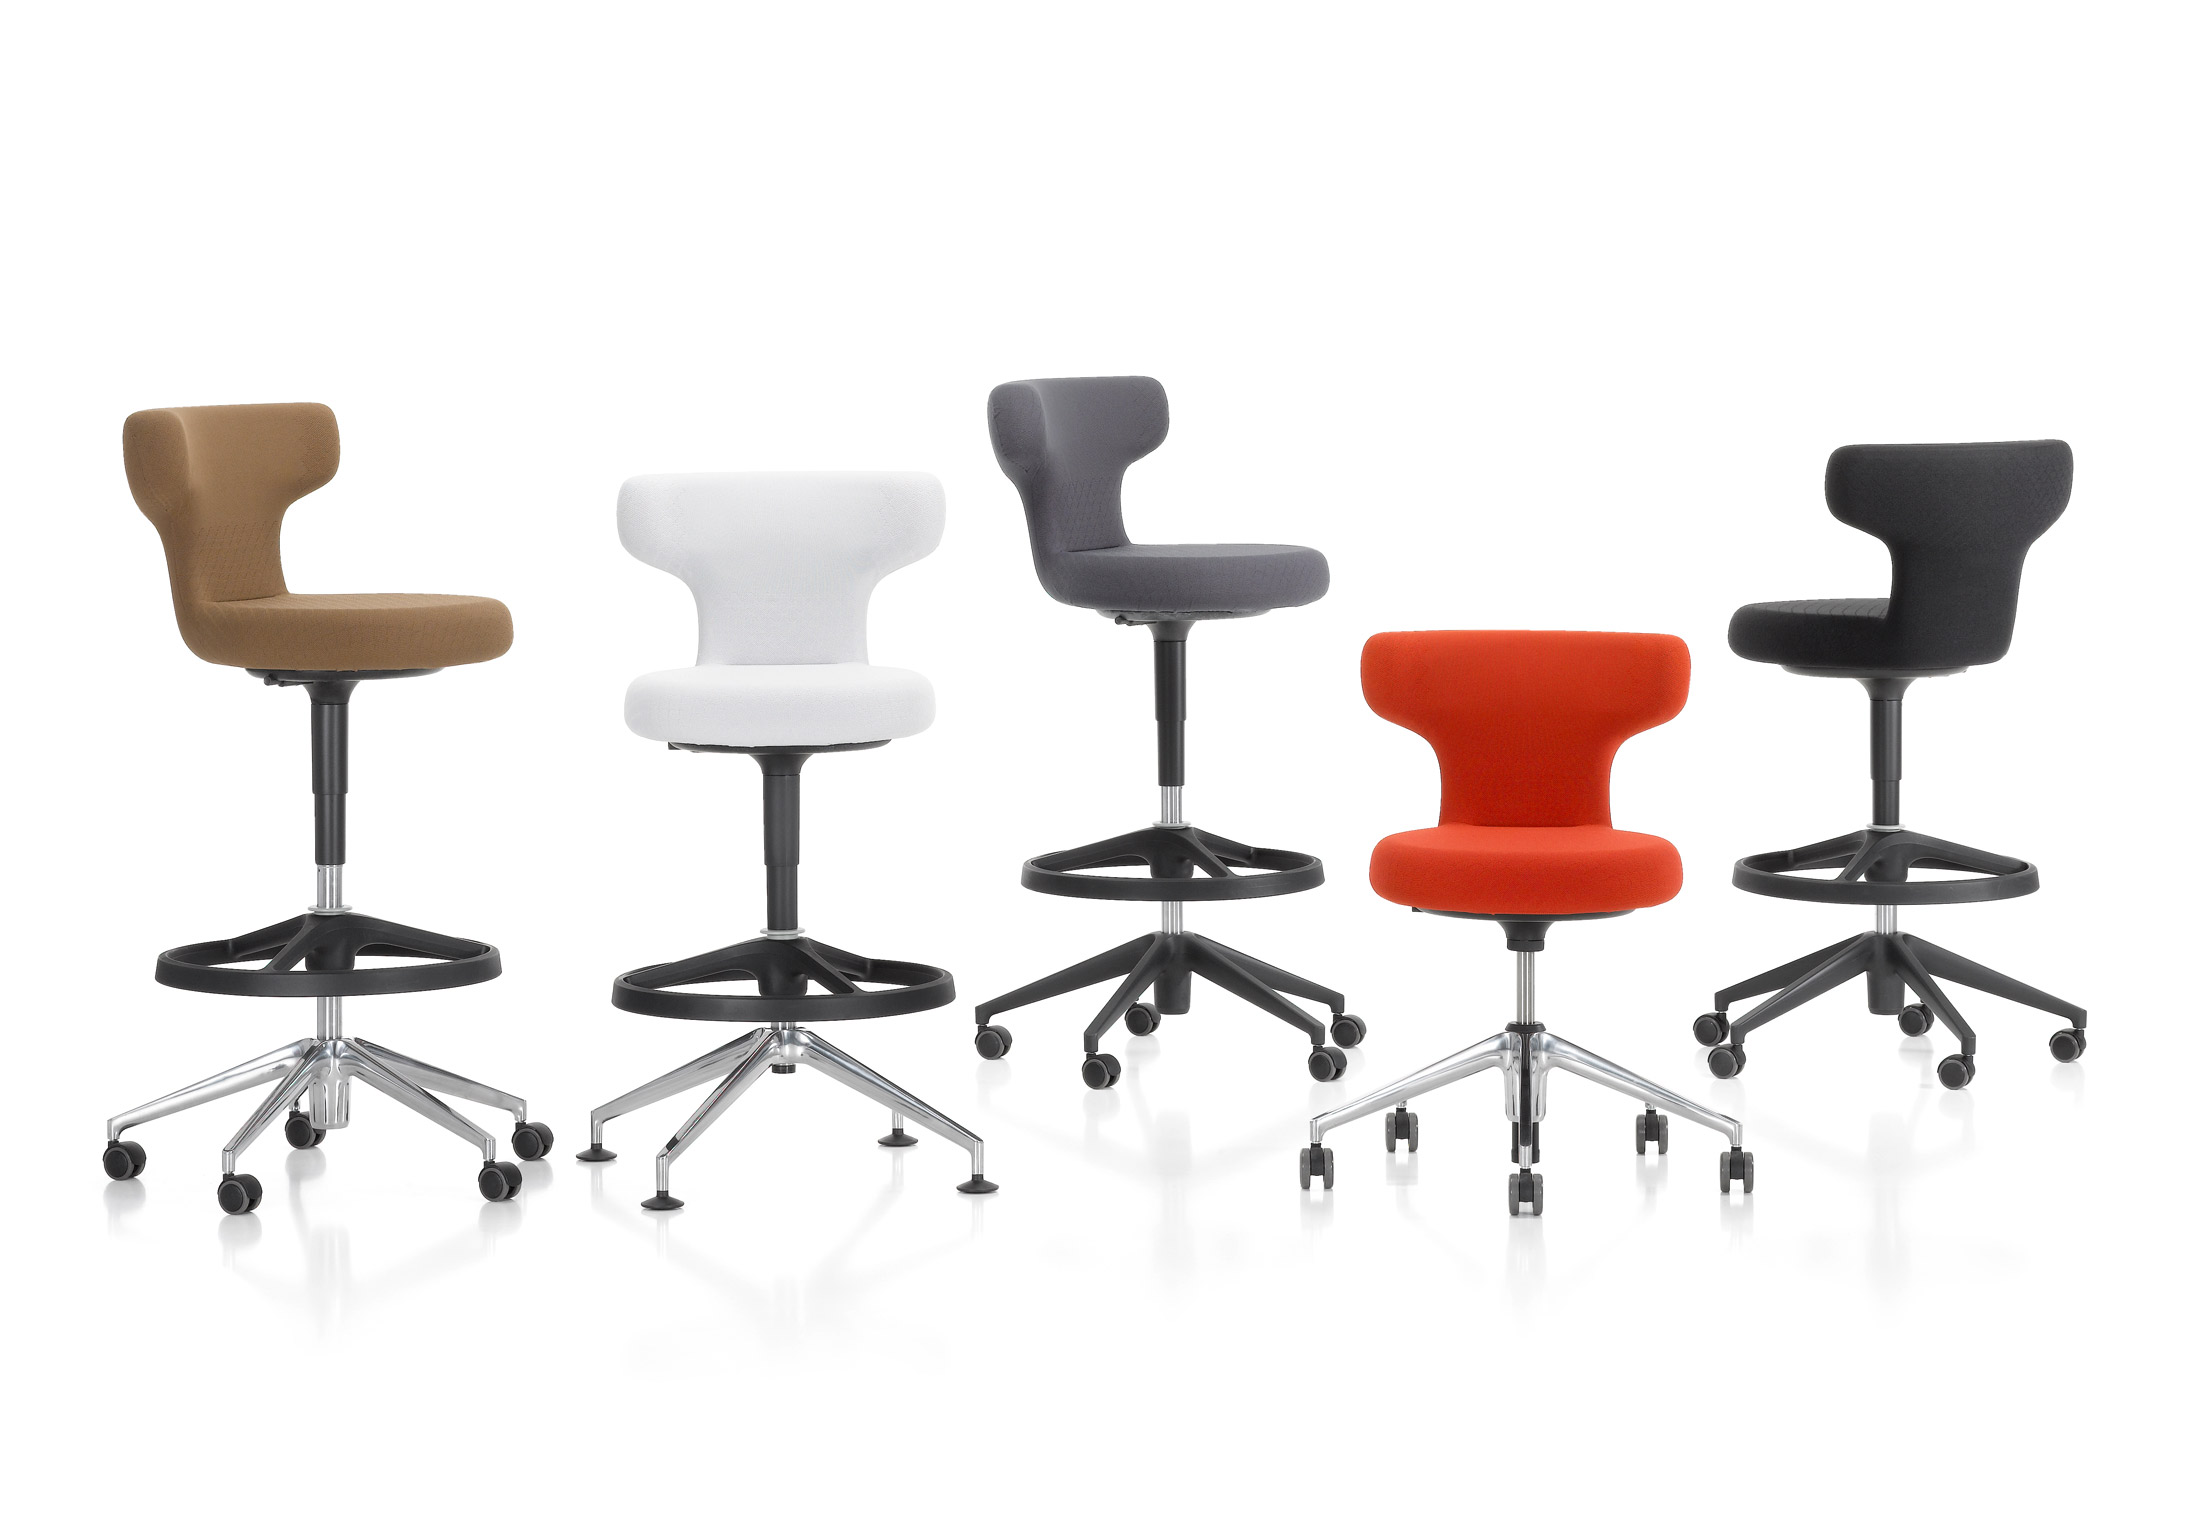 Pivot High Office Chair